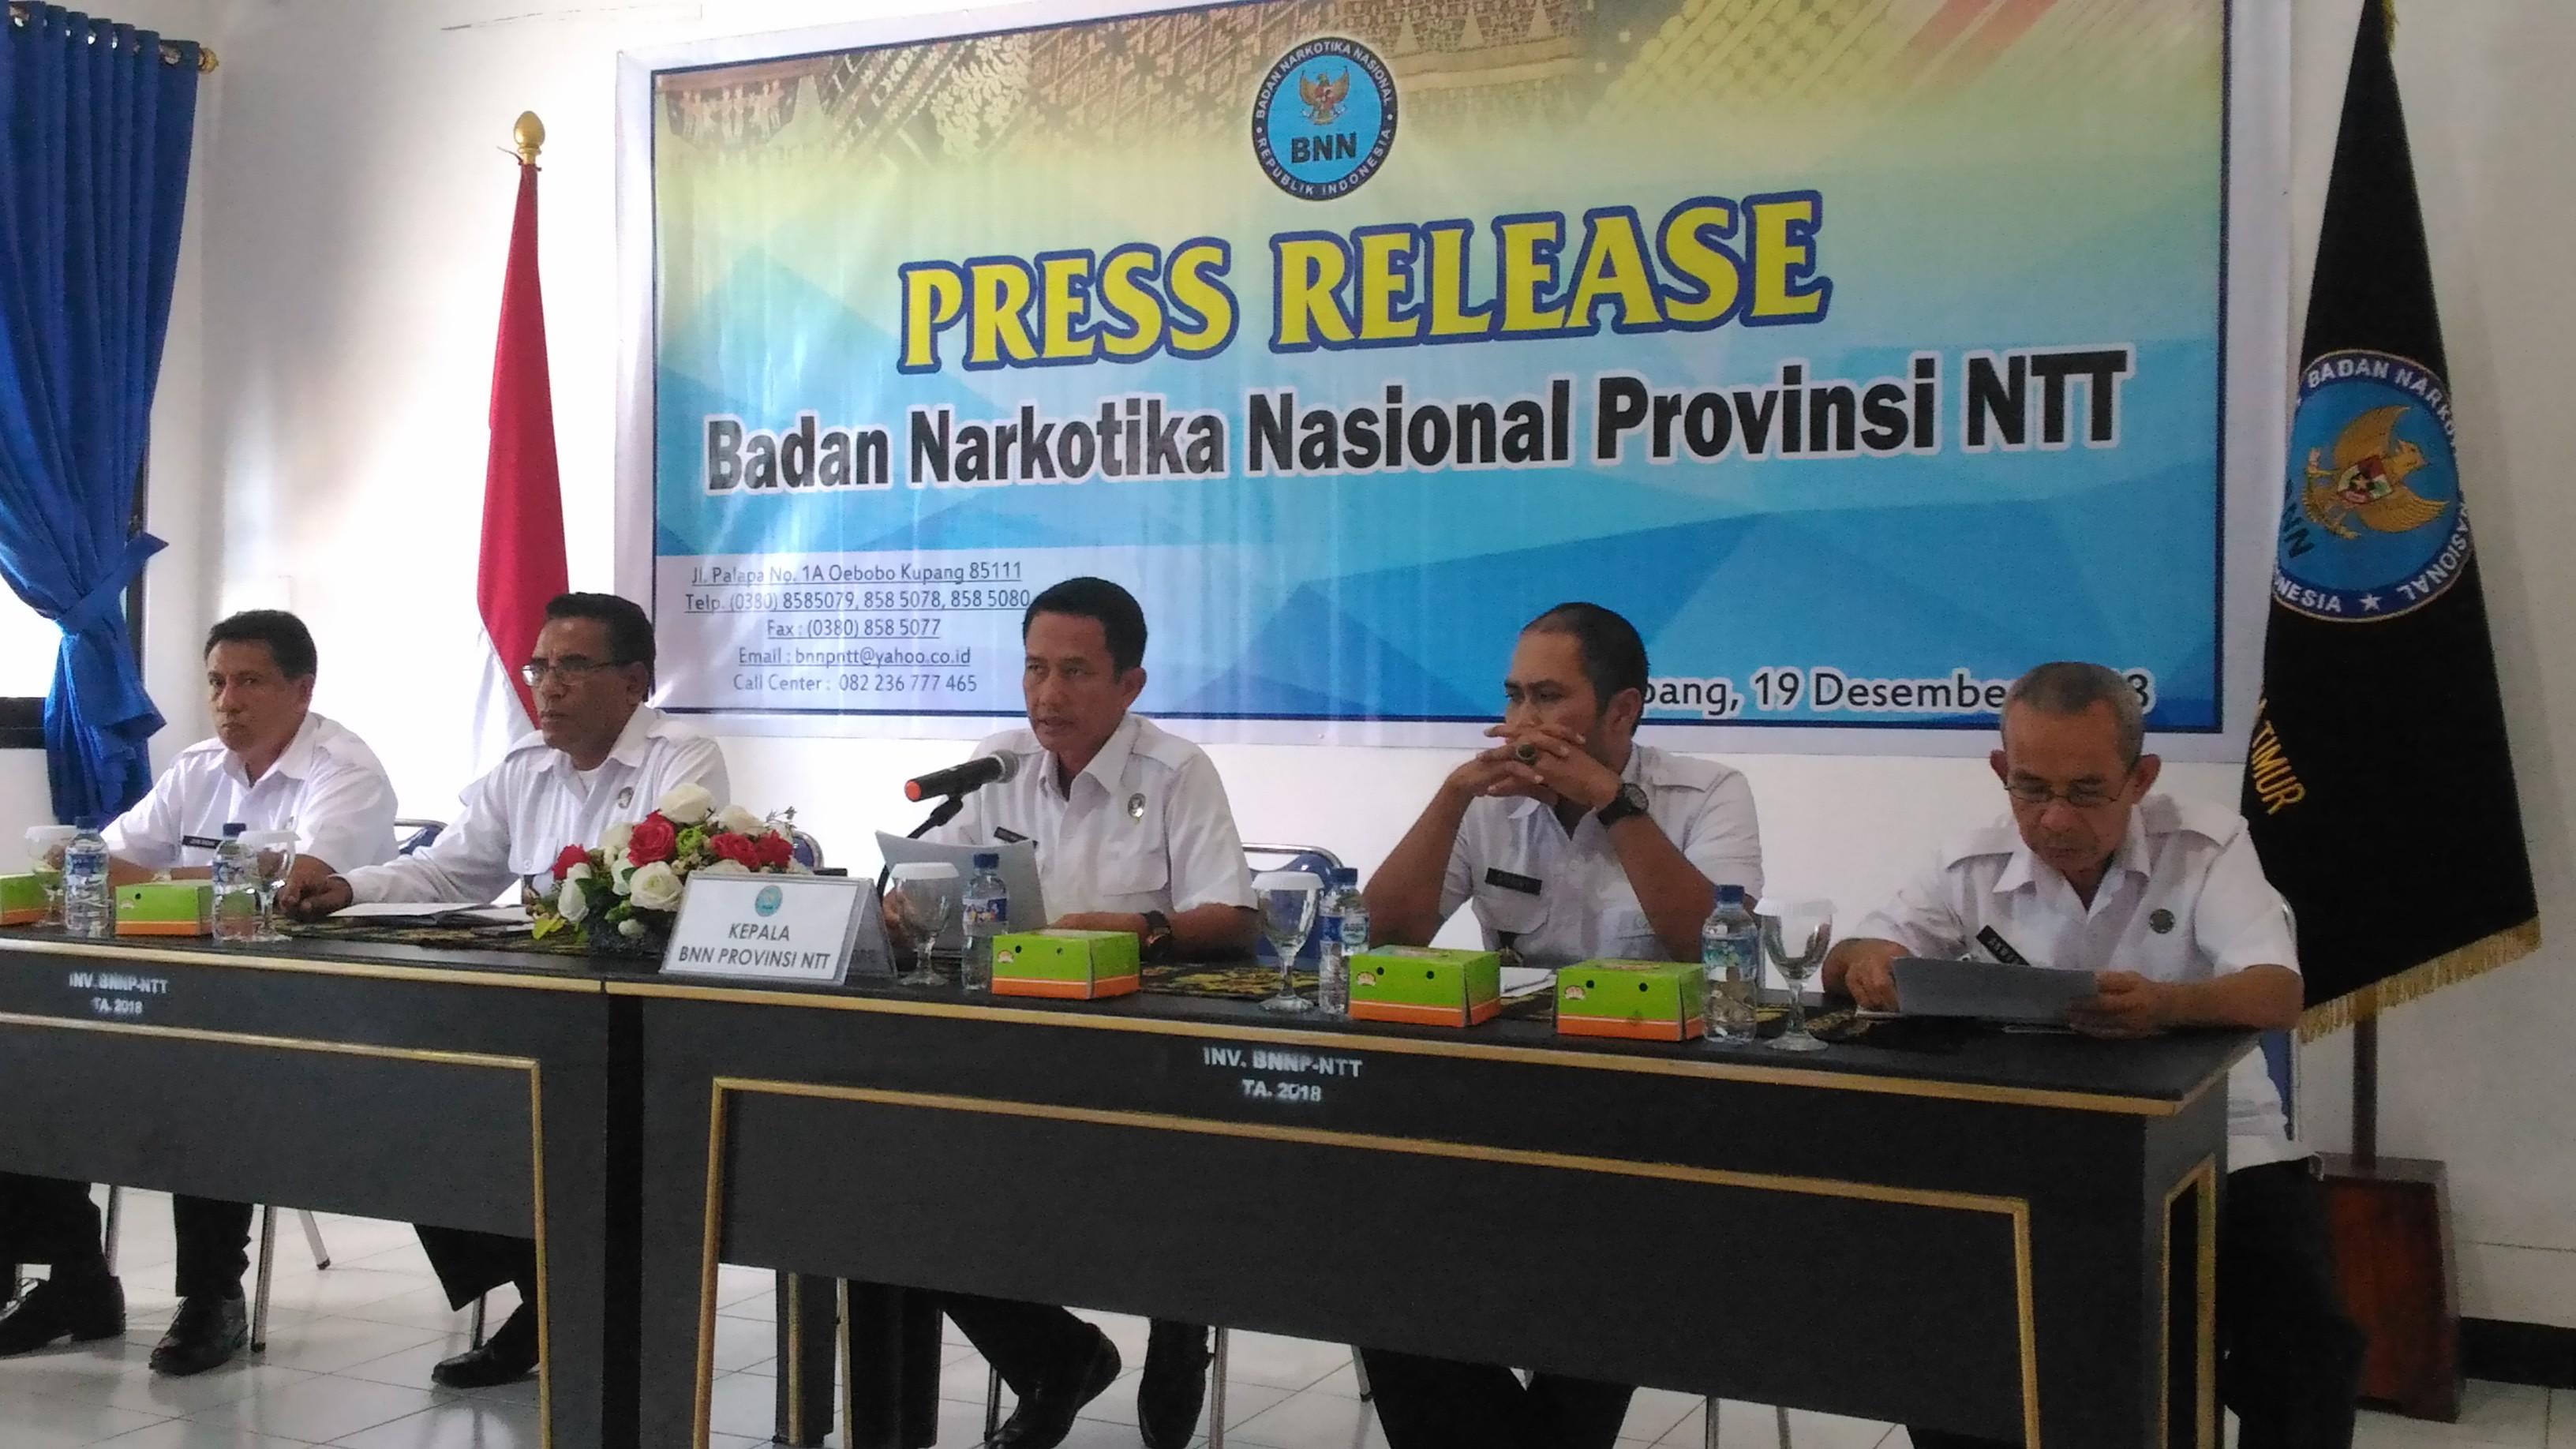 Konferensi Pers di BNN provinsi NTT. (Ist)